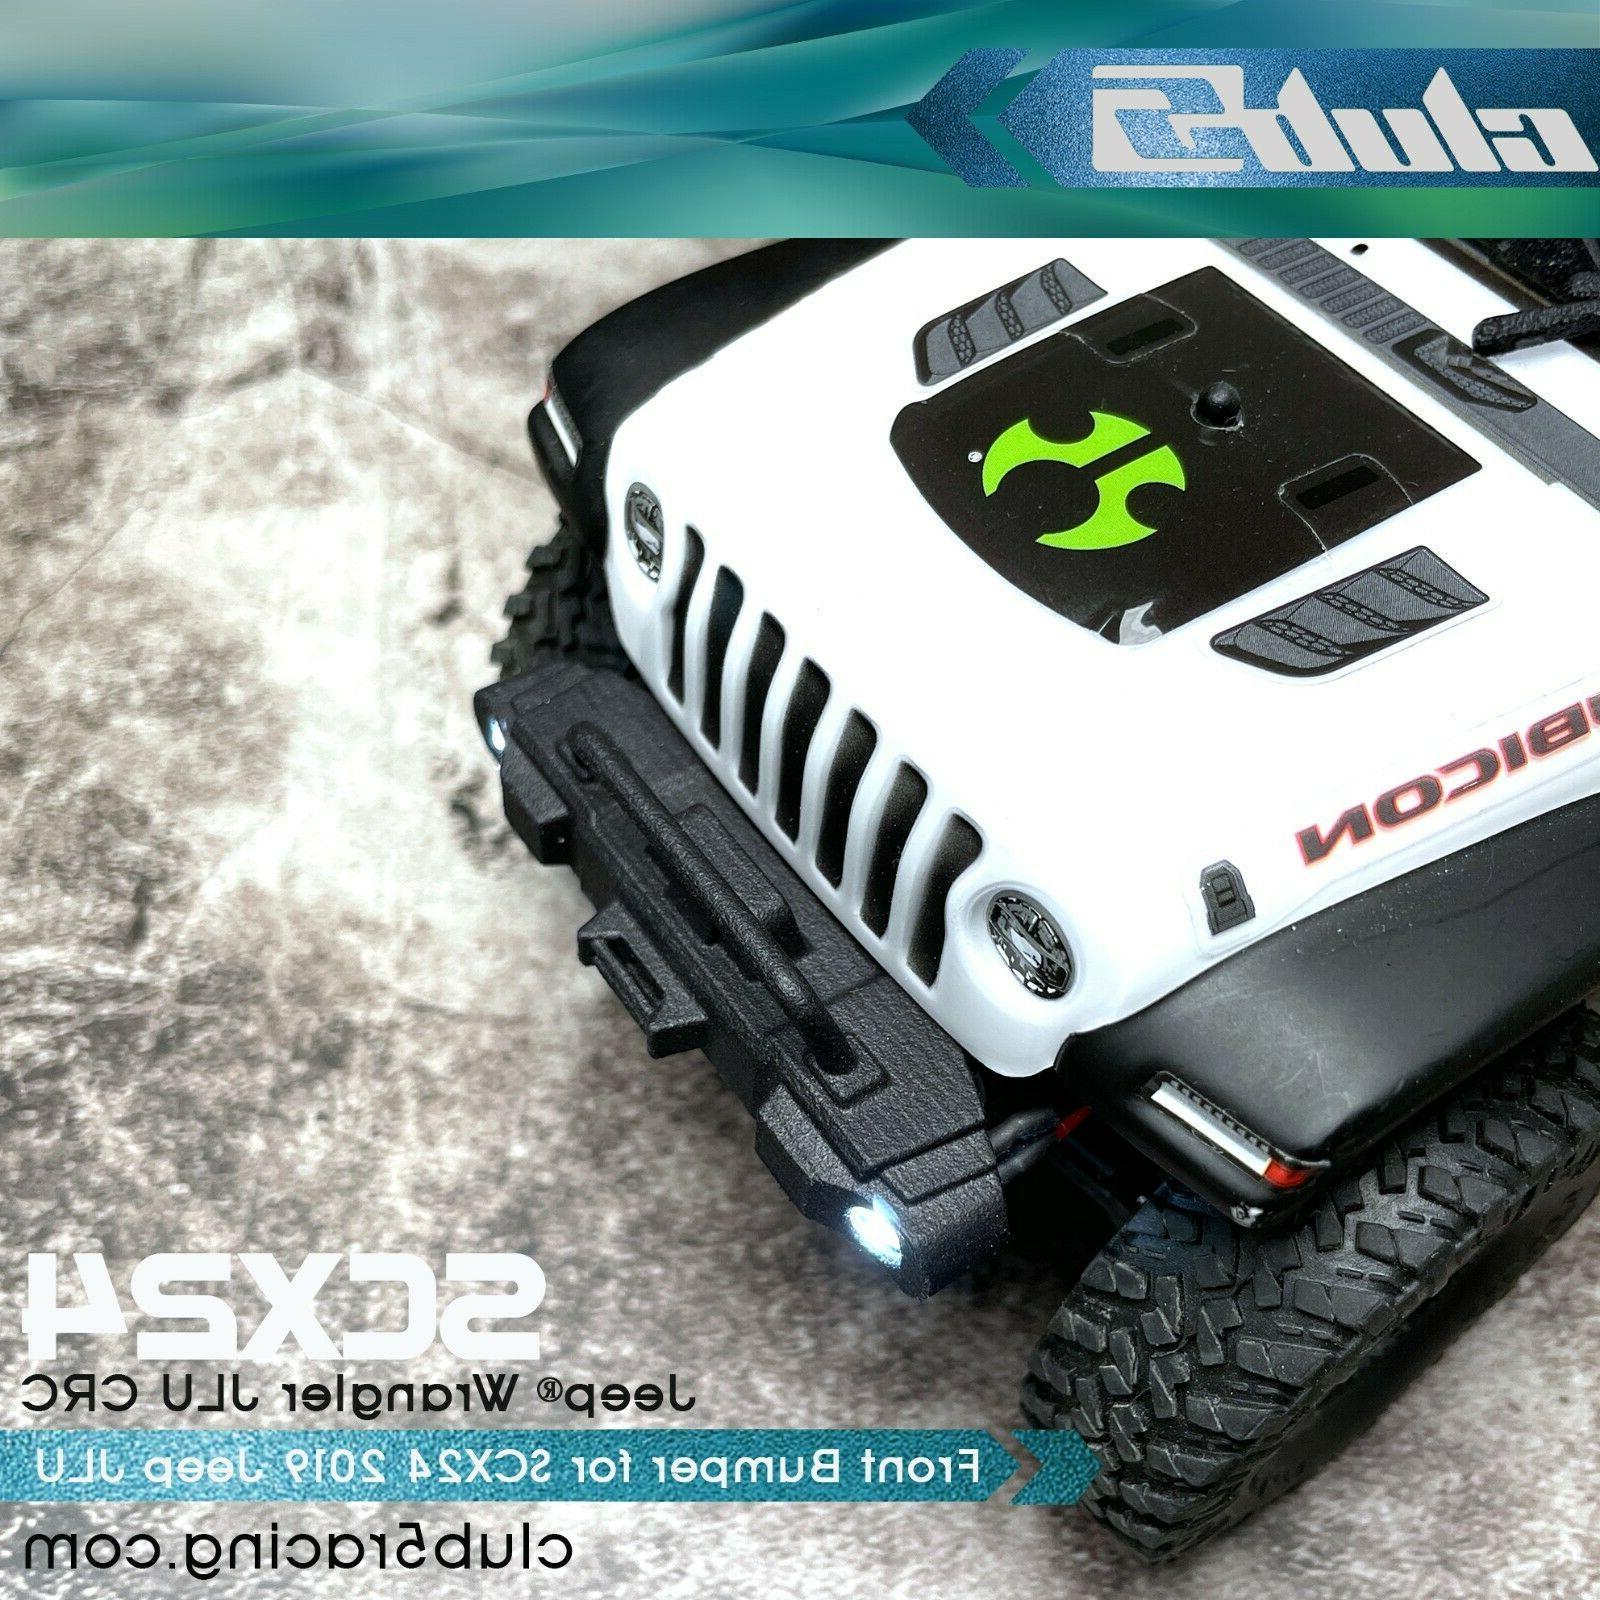 Front Rubicon Bumper for SCX24 2019 Jeep Wrangler JLU